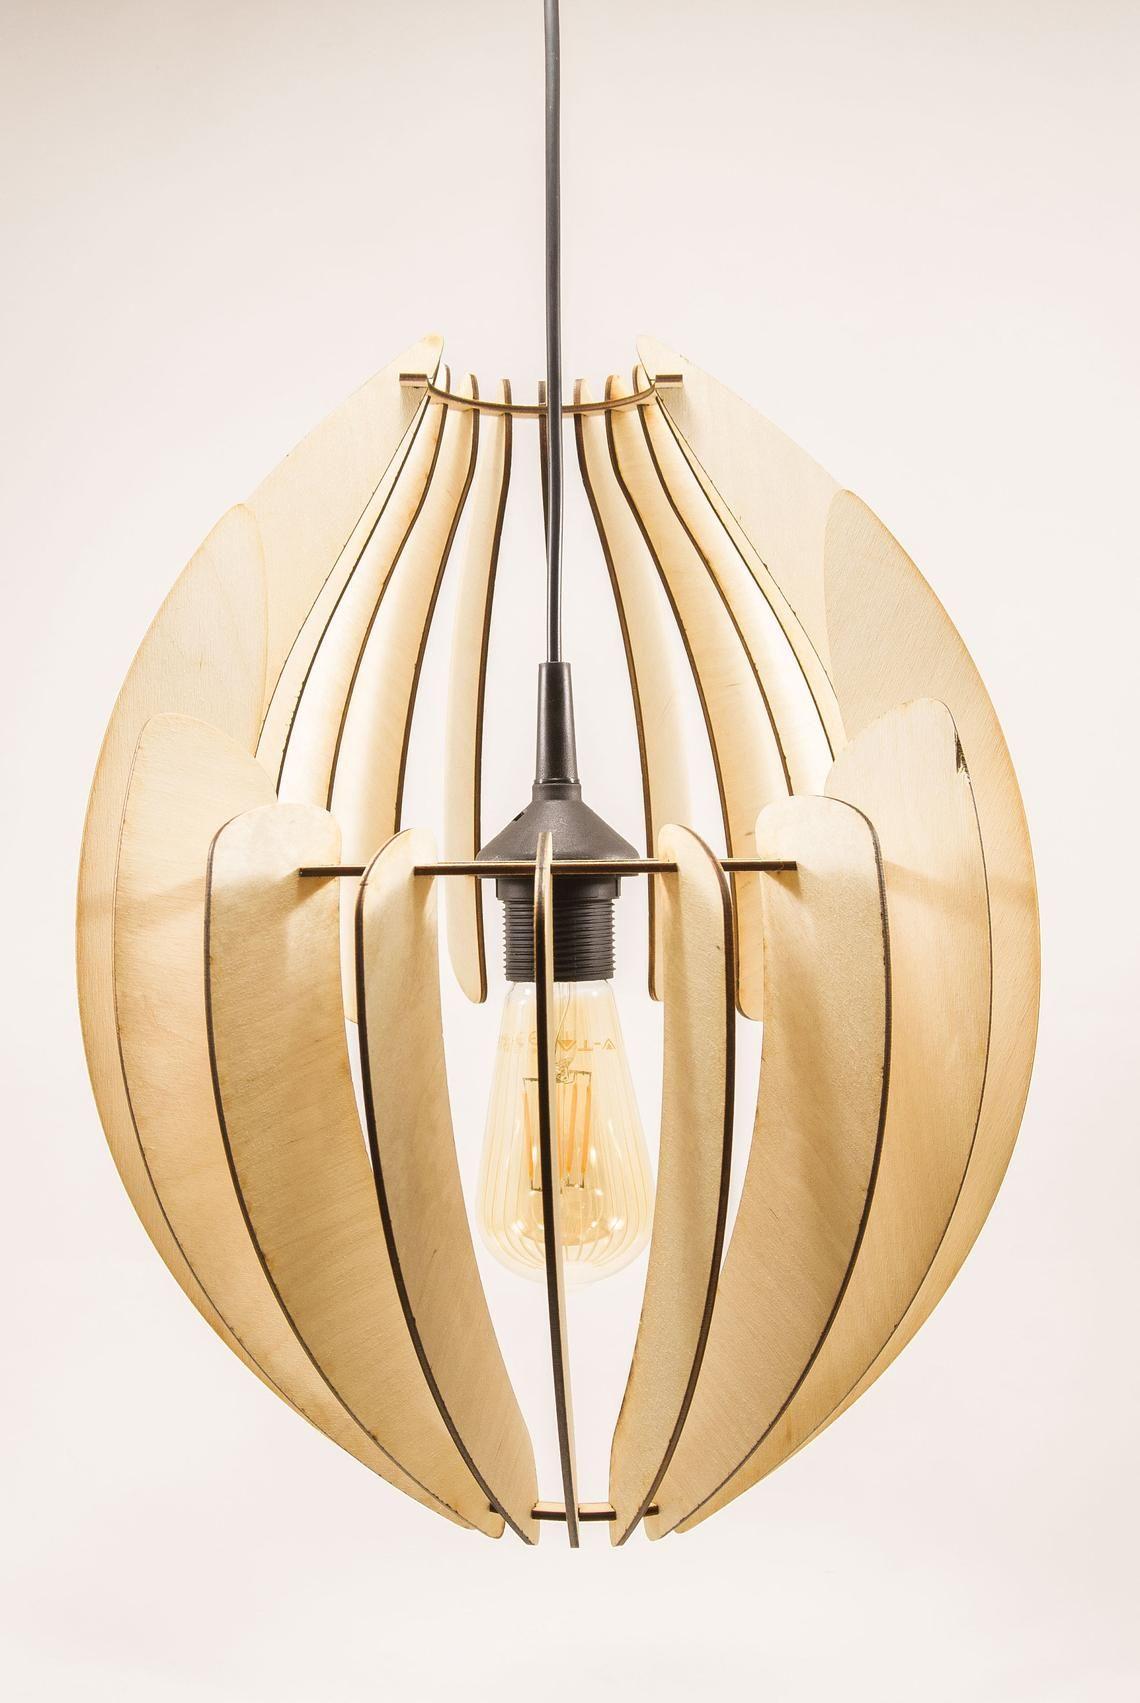 Wooden Lamp Shade Wood Lamp Hanging Lamp Pendant